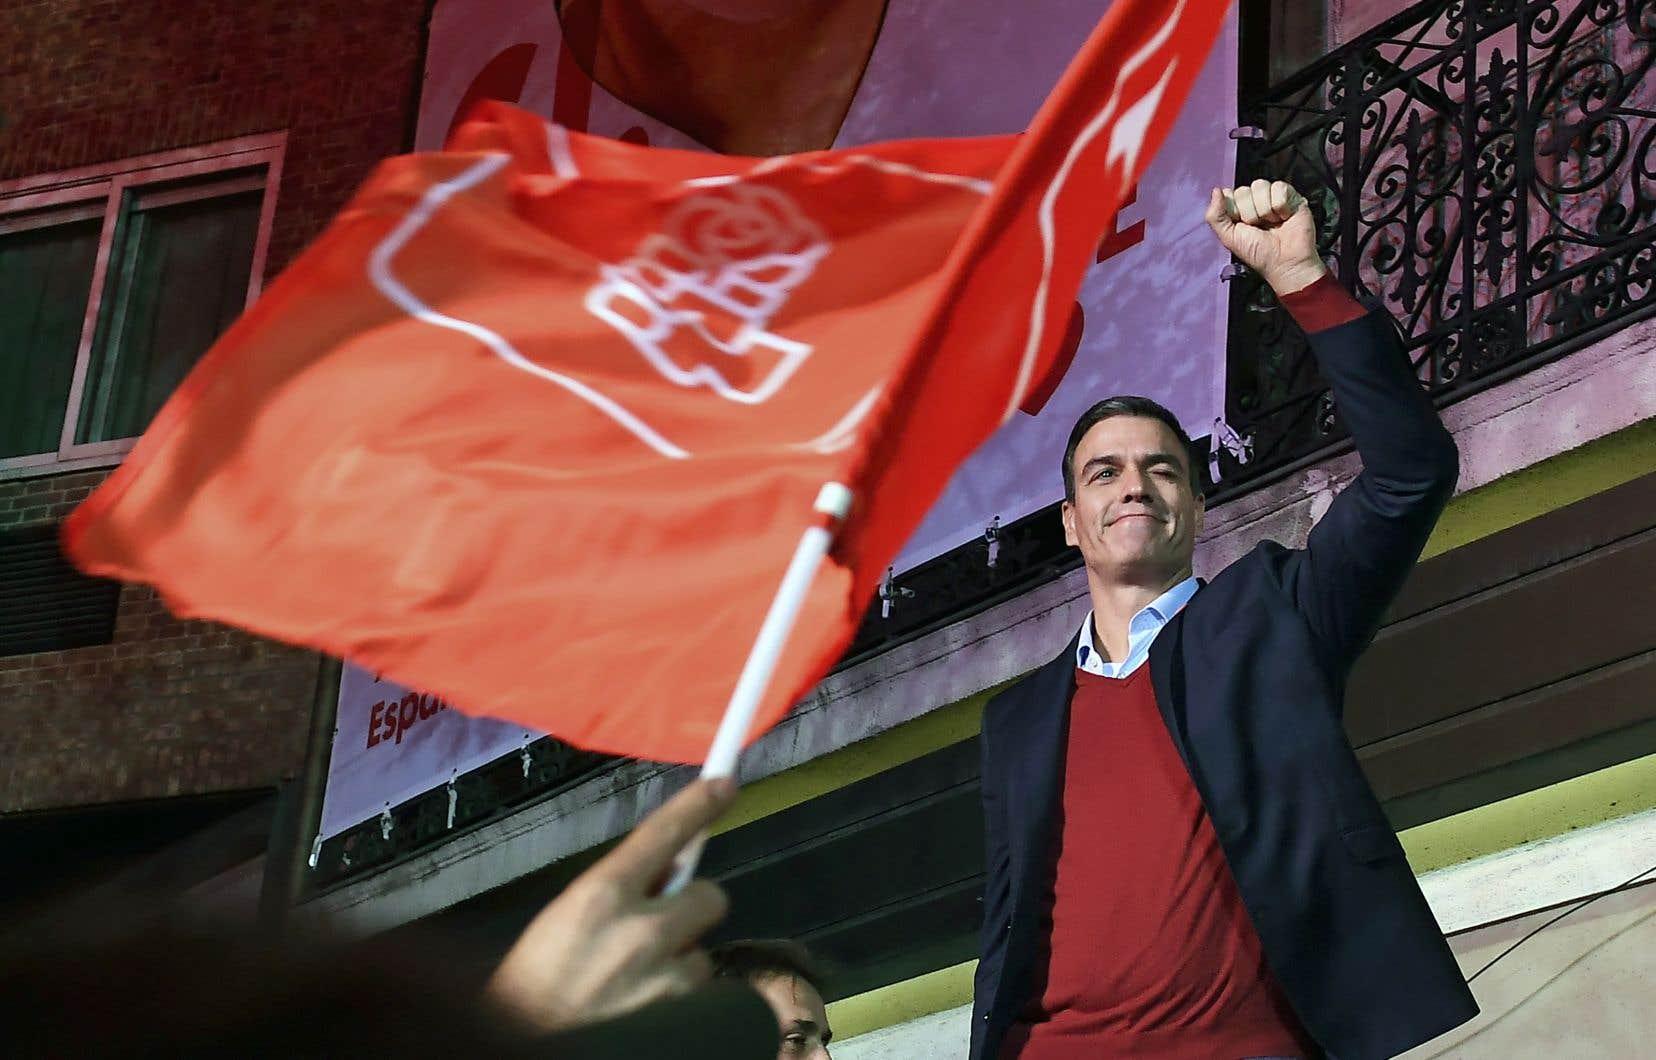 Le Parti socialiste du premier ministre, Pedro Sanchez, n'a fait élire que 120 députés, soit trois de moins qu'aux élections tenues en avril dernier.